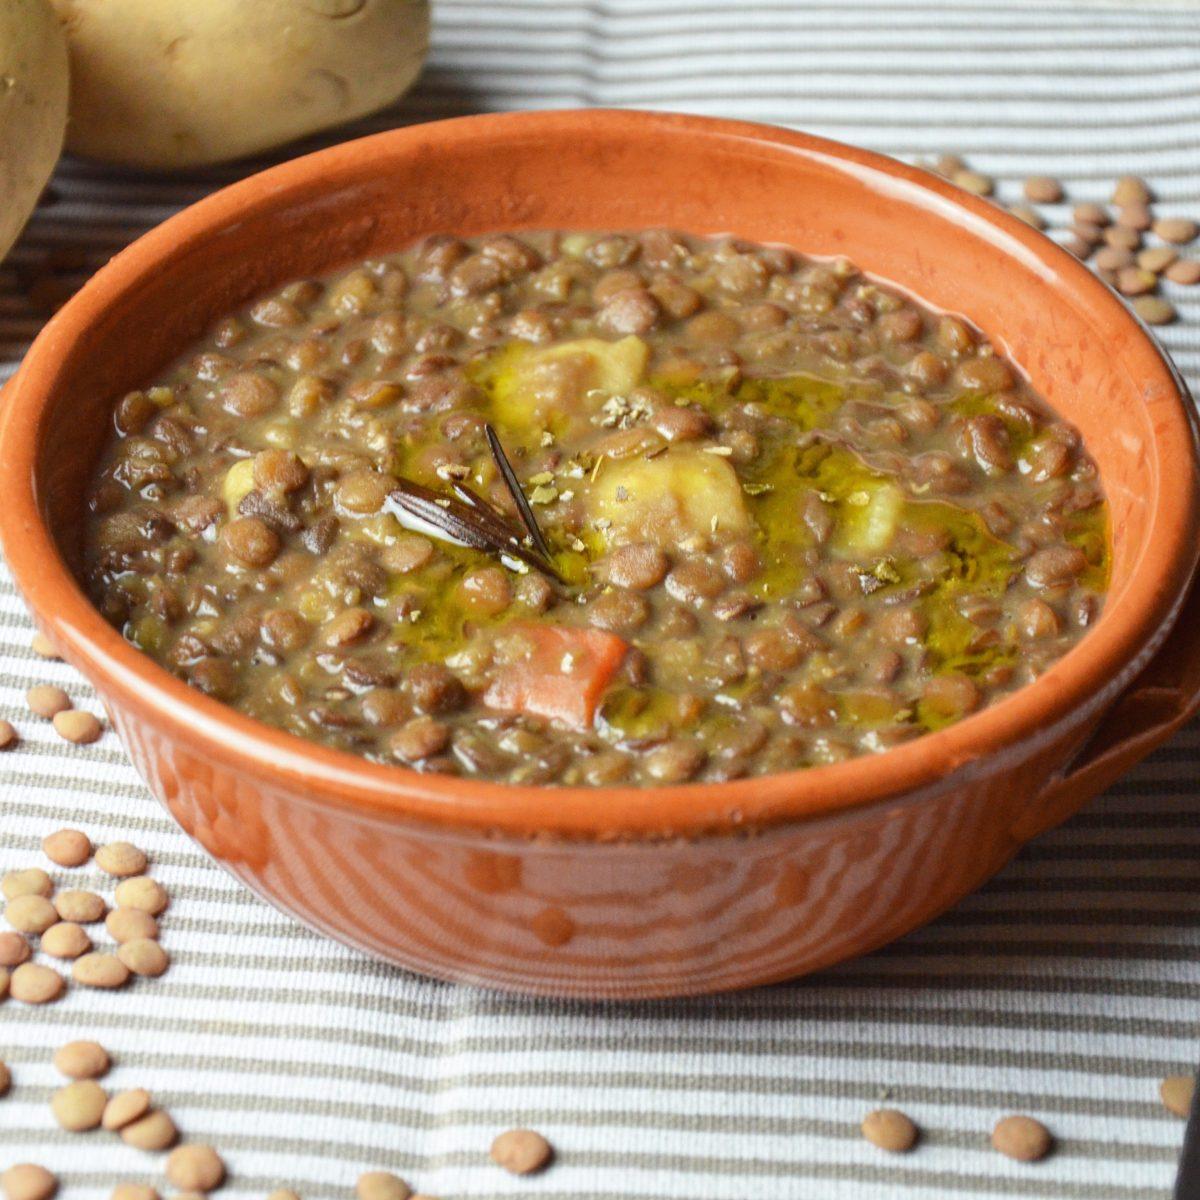 Ricetta Lenticchie E Patate.Zuppa Di Lenticchie E Patate La Ricetta Del Piatto Caldo E Nutriente